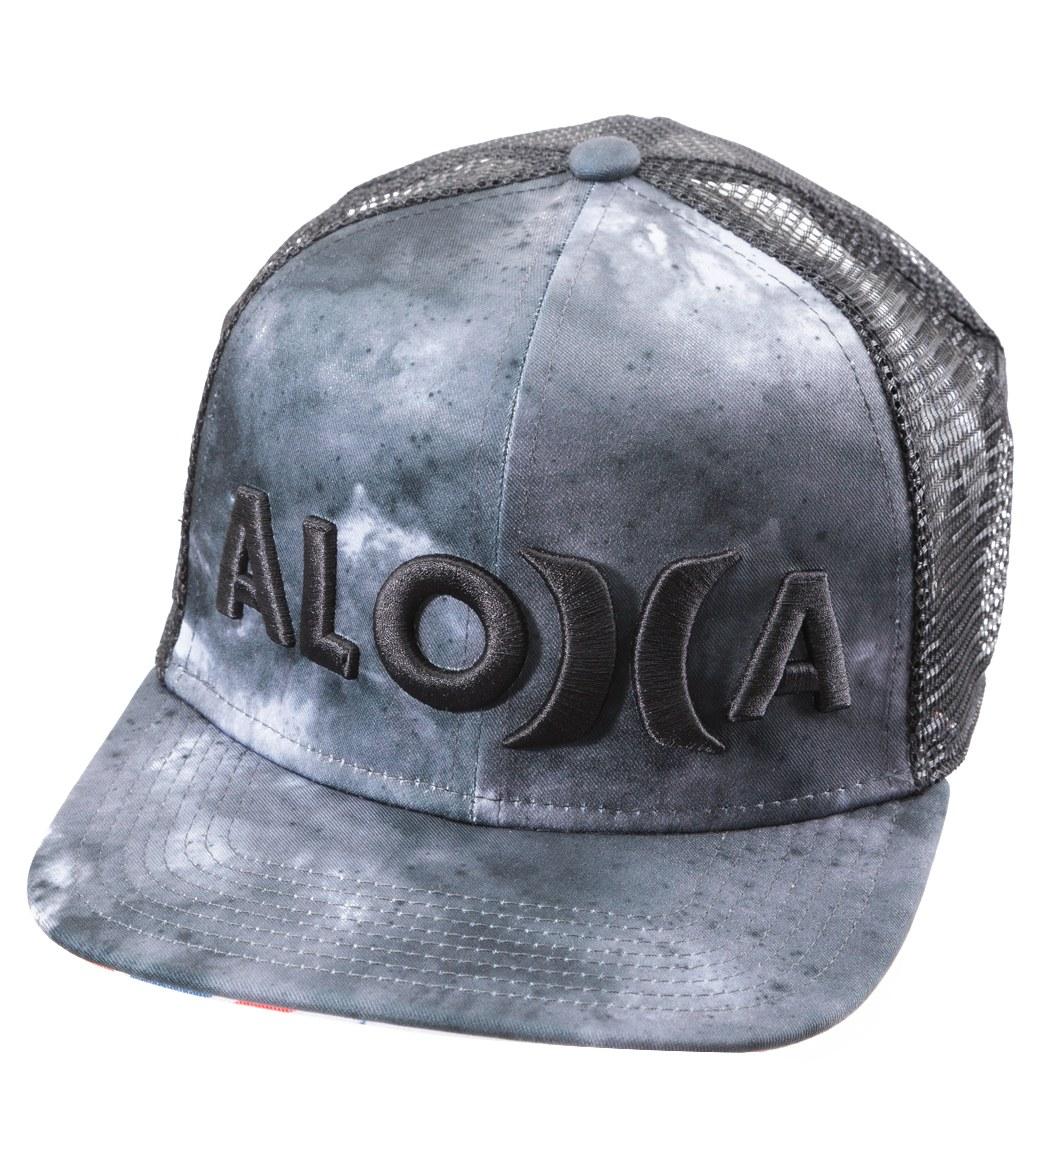 74e65cd5d Hurley Men's JJF III Nebula Trucker Hat